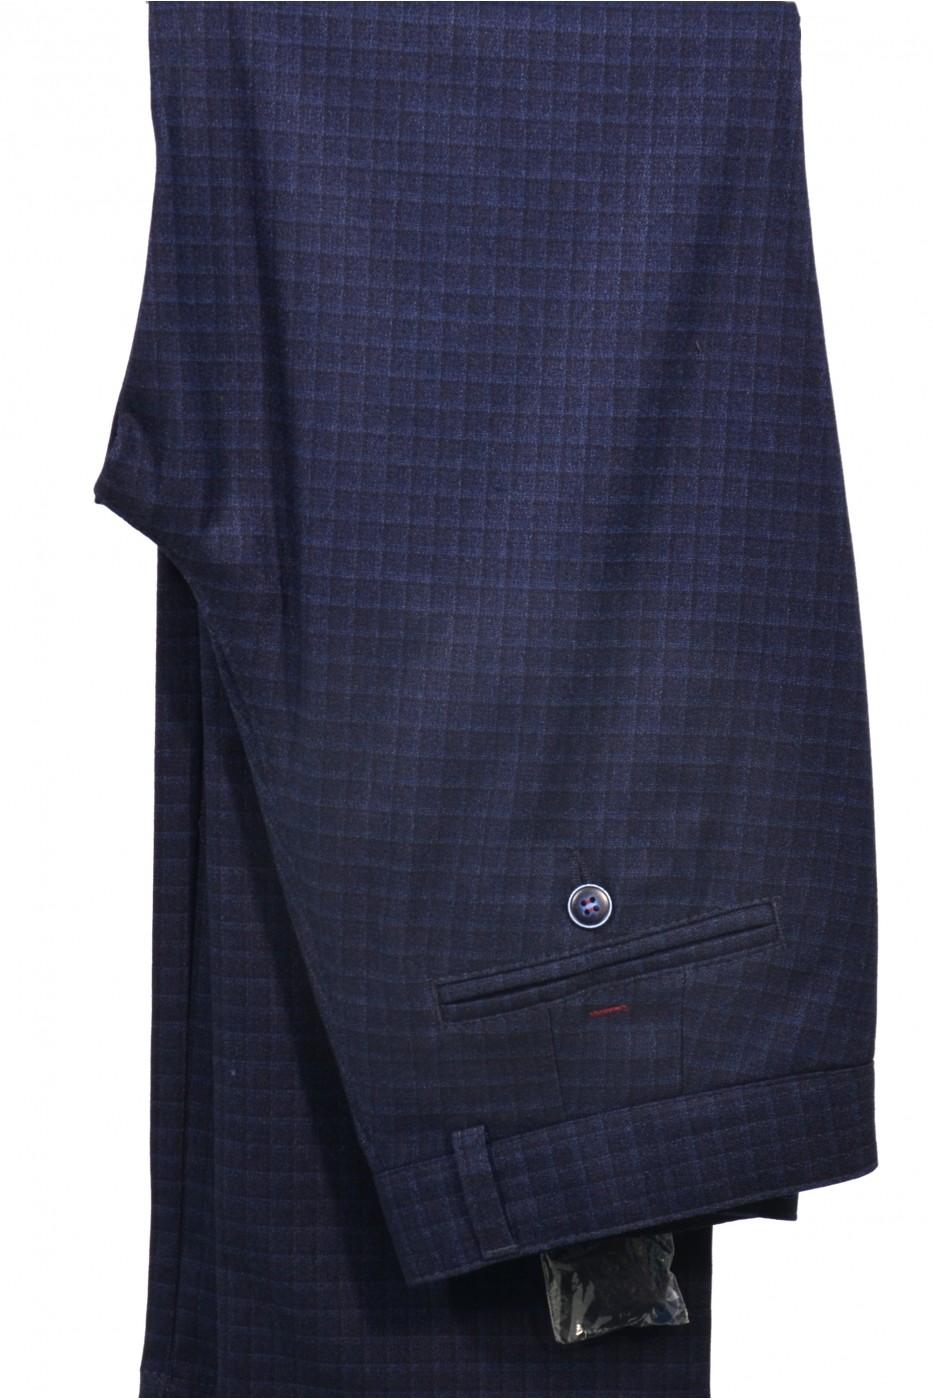 Тёмно-синие школьные брюки в клетку детские - Д 2007Б (BENNY BLUE)